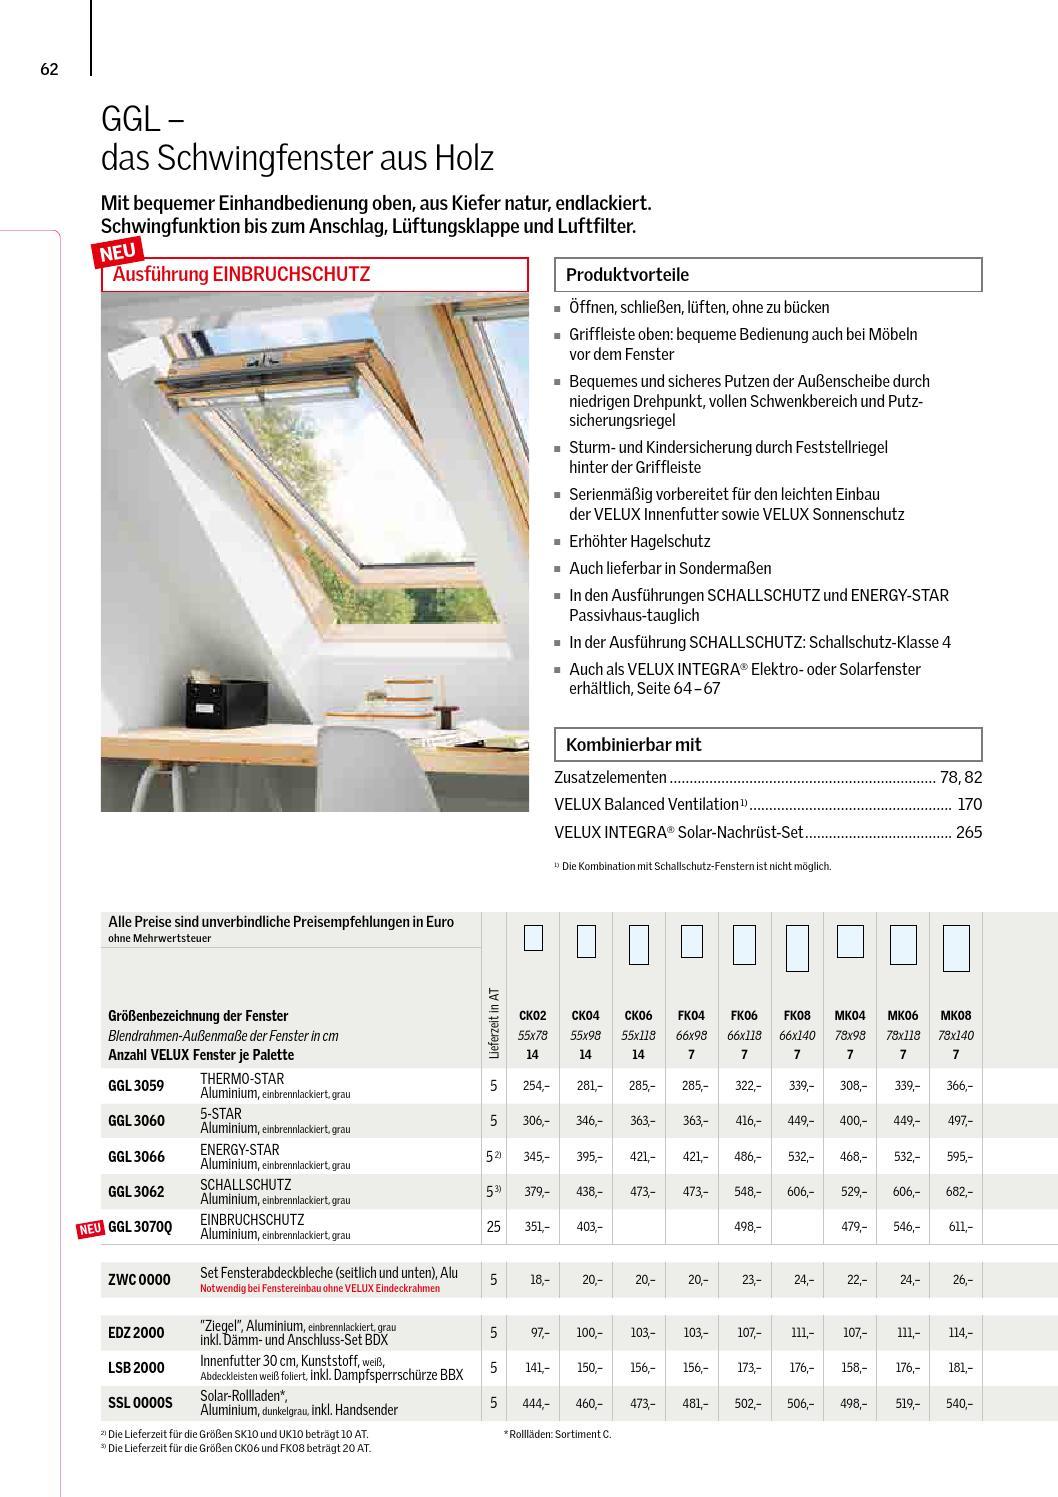 VELUX Dachfenster-Eindeckrahmen EDZ 2000 Aluminium grau BDX Dämm-/& Anschlussset